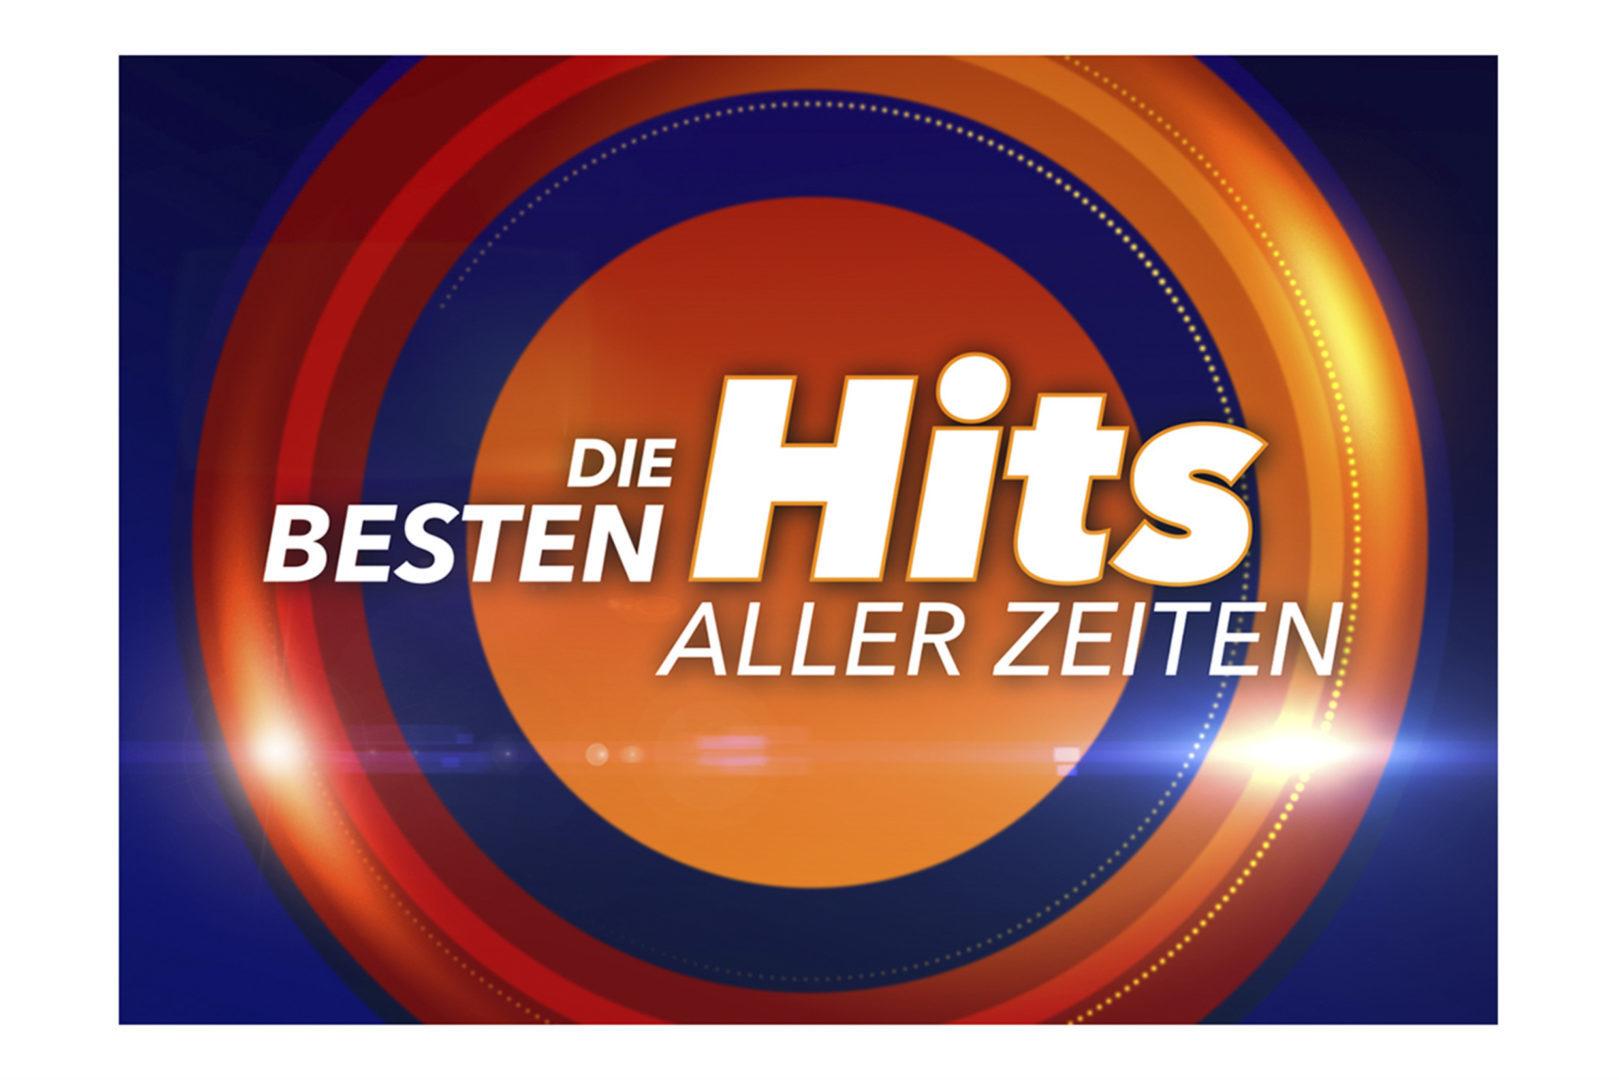 Die besten Hits aller Zeiten | Tyskschlager.dk